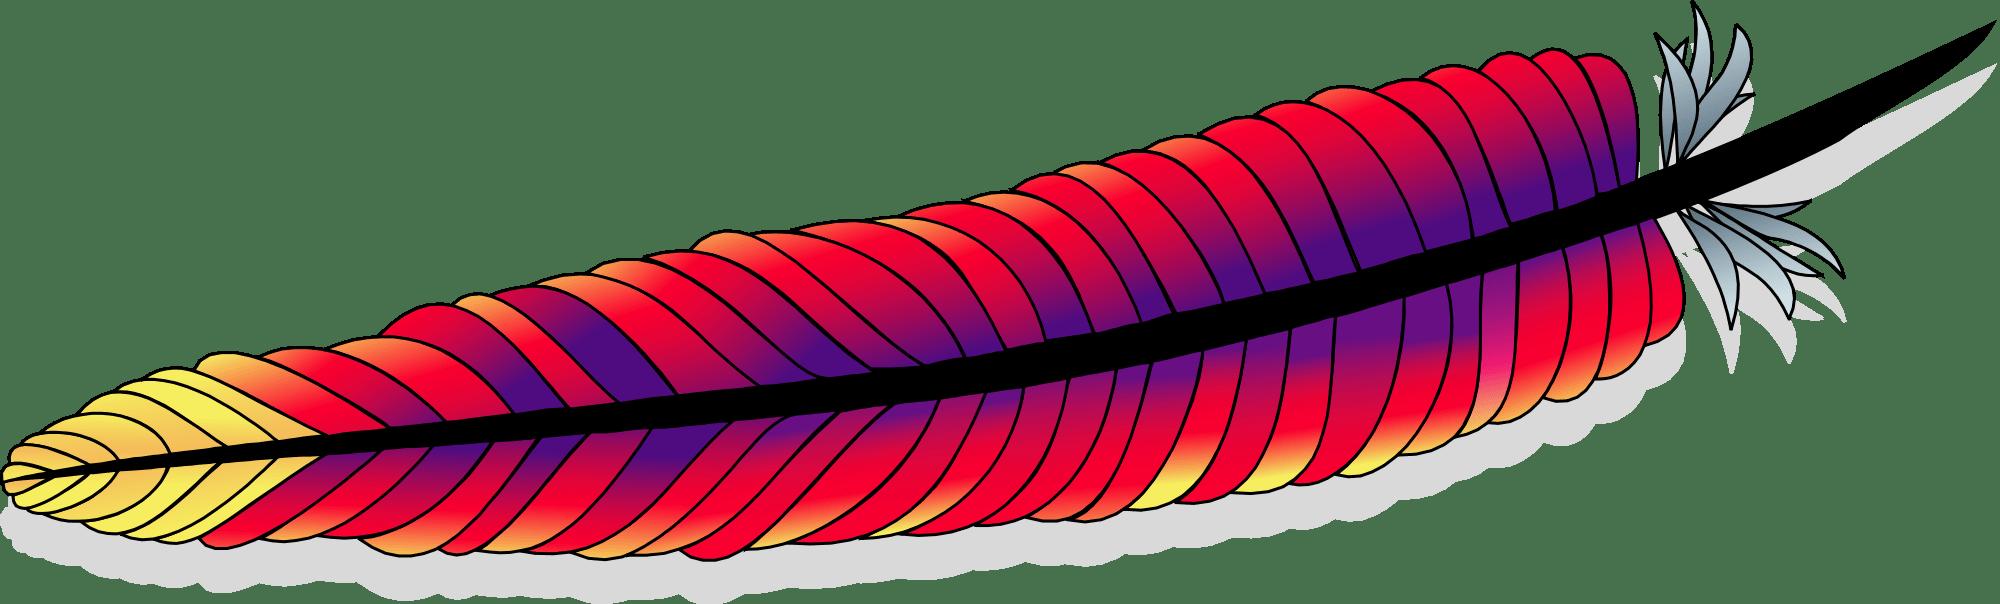 هدف وب سرور آپاچی چیست ؟